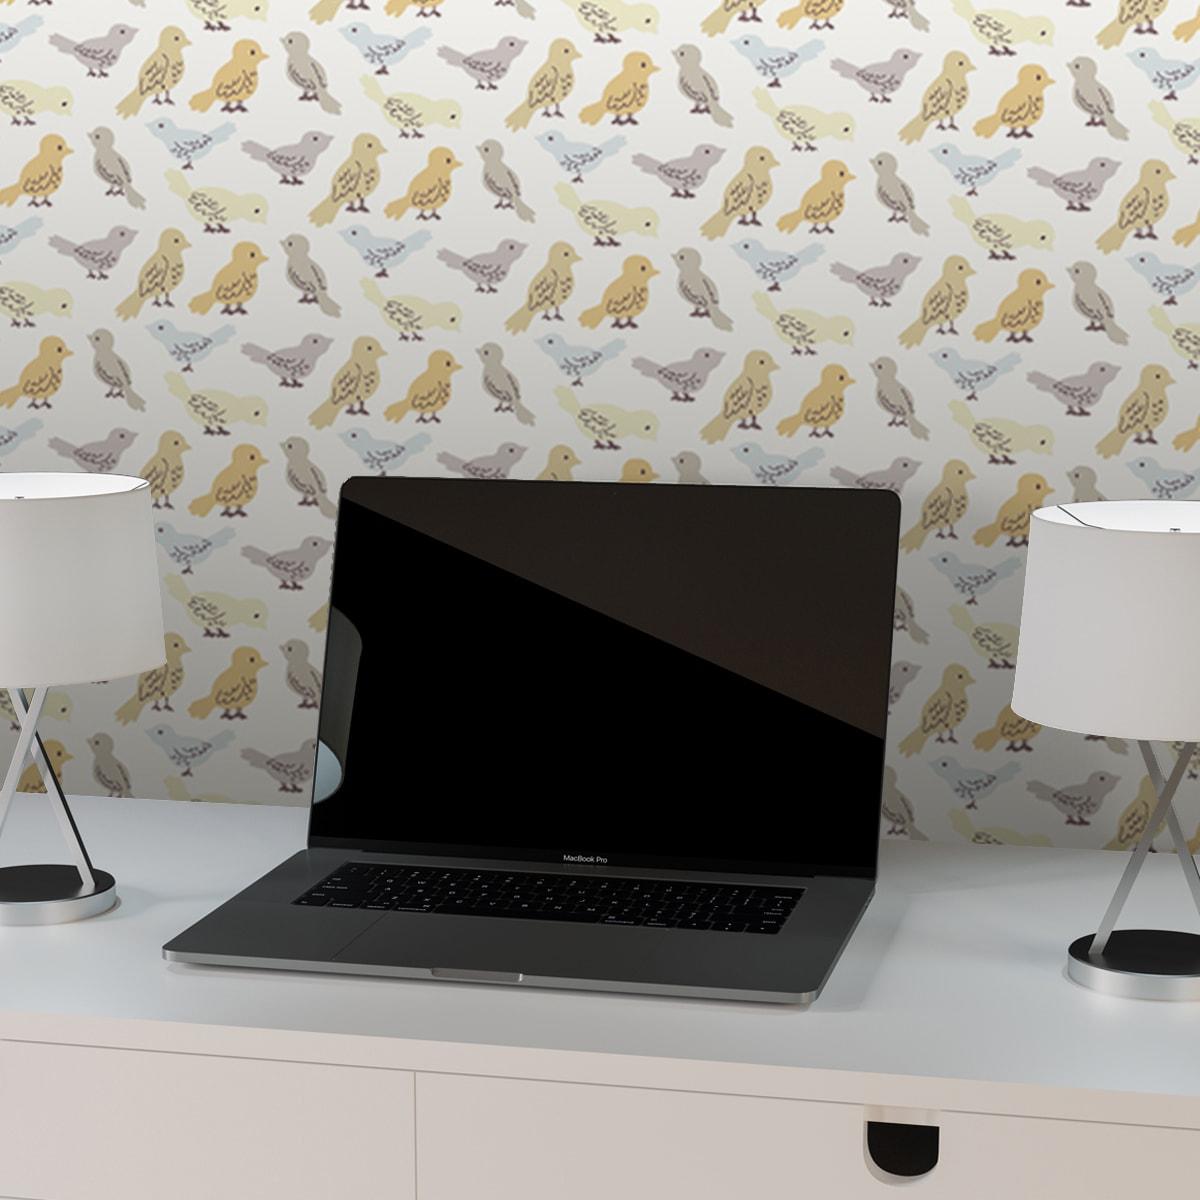 """Küchentapete weiss: Vogel Design Tapete """"Alle Vöglein"""" mit bunten Vögeln beige grau für Büro Küche Gang Kinderzimmer"""